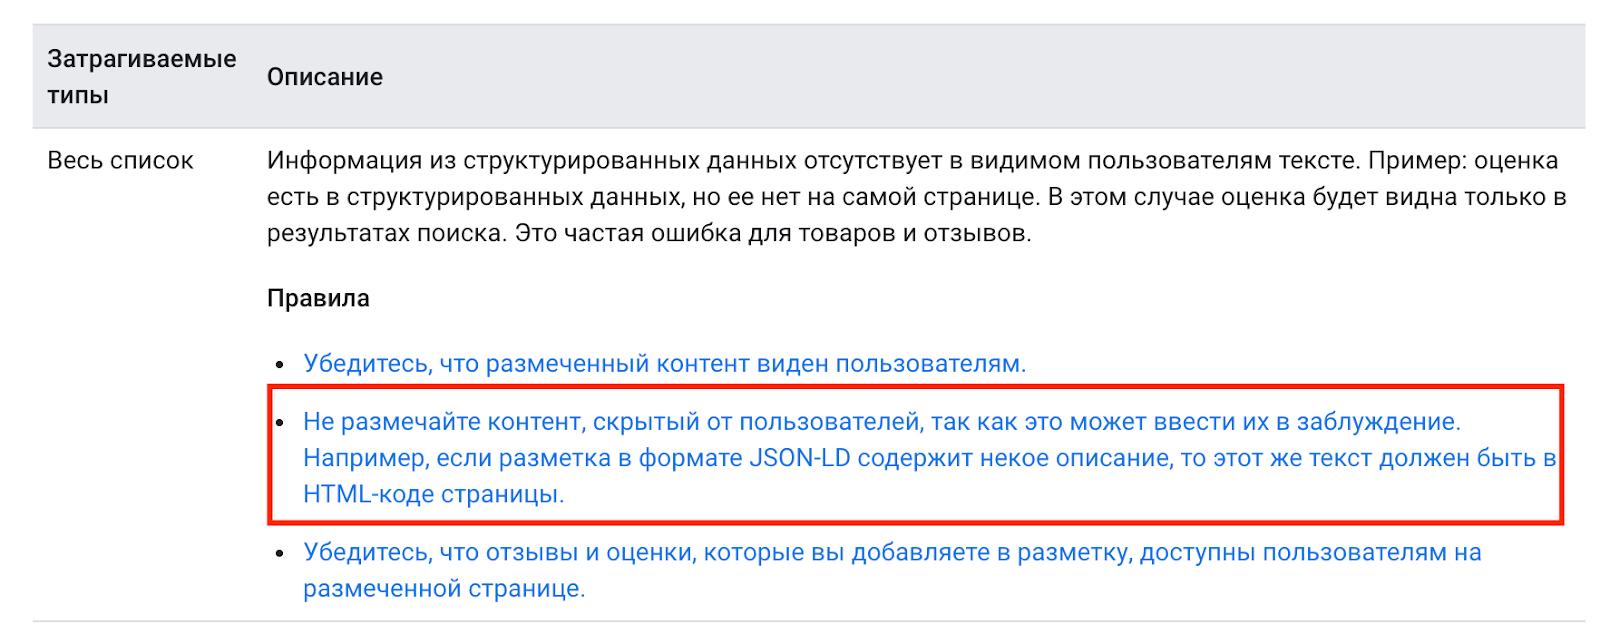 Правила использования JSON-LD